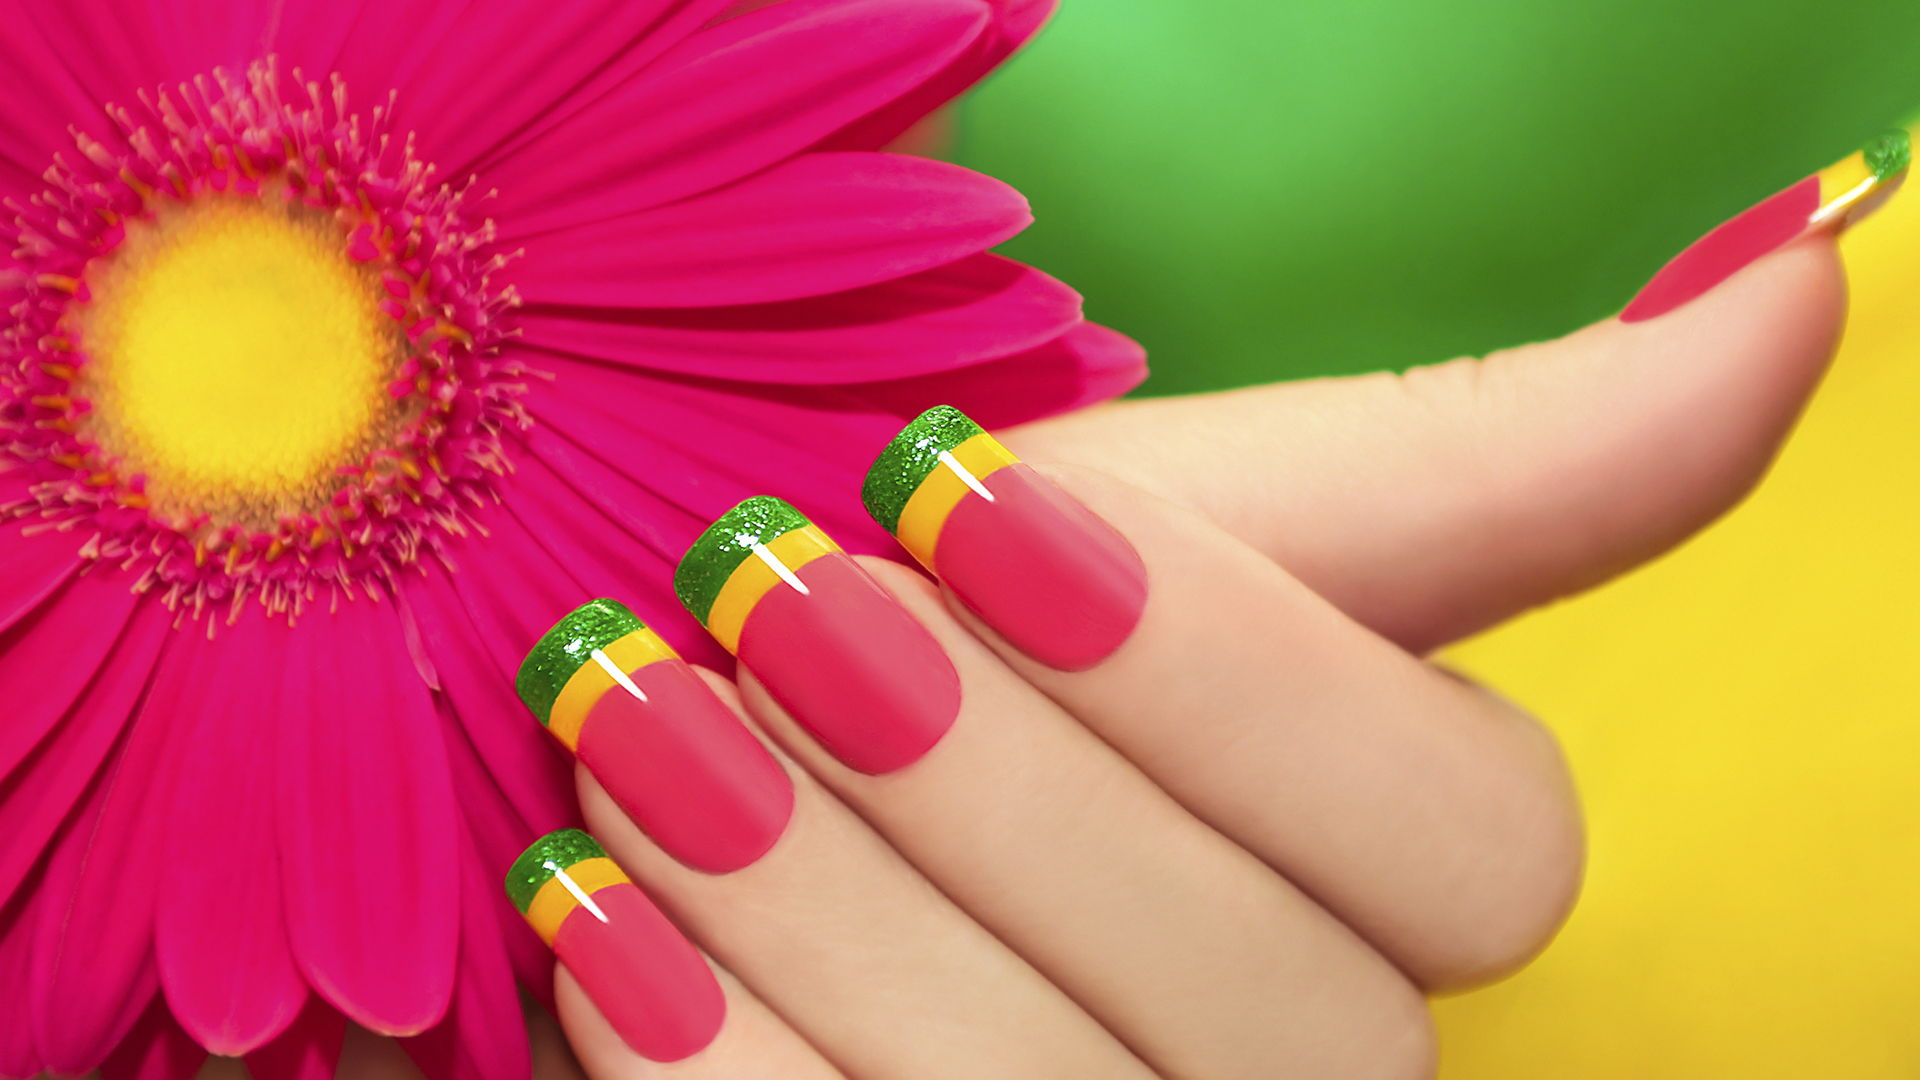 Brightly colored manicure   Sheknows.com